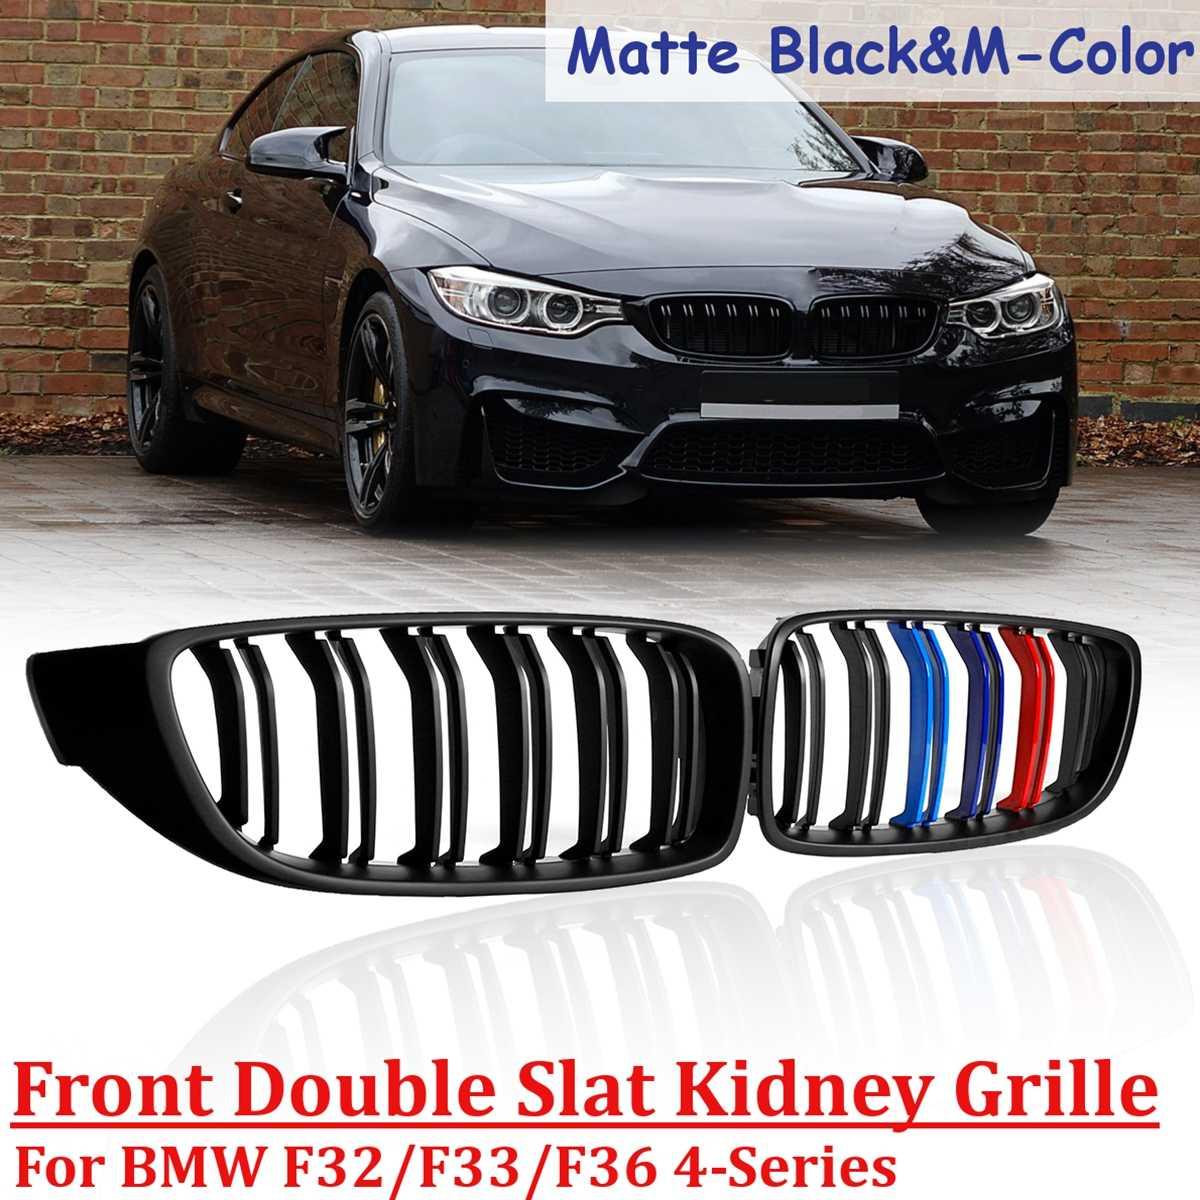 1 par brilho preto-m cor fosco preto grade dianteira rim duplo slat m4 esporte estilo grill para bmw f82 f80 f32 f36 2013-2016